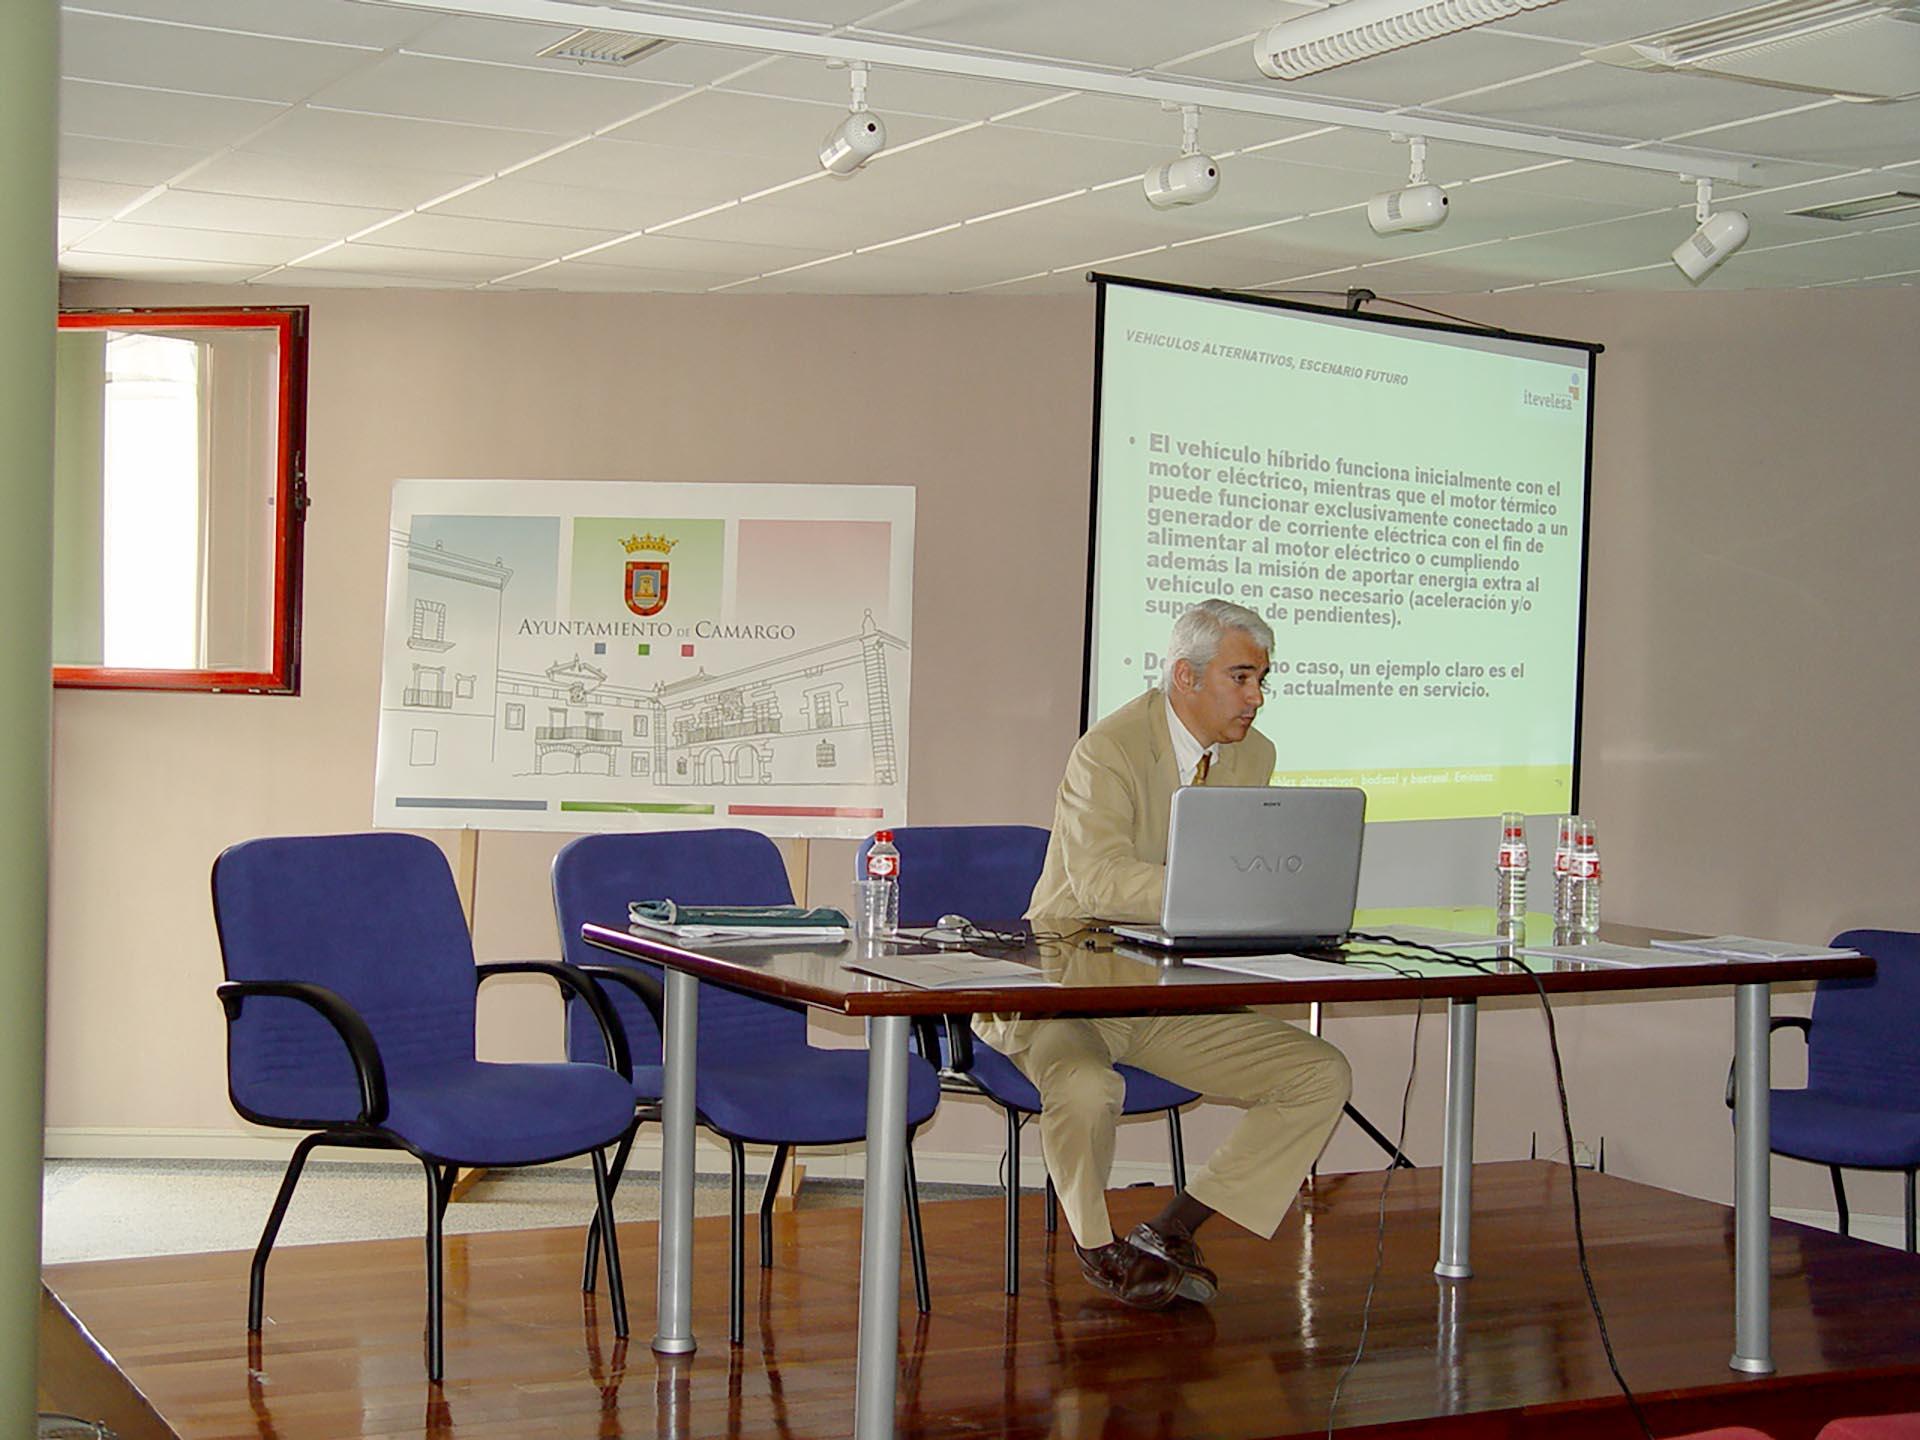 Inspección técnica de vehículos, seguridad vial y medioambiente